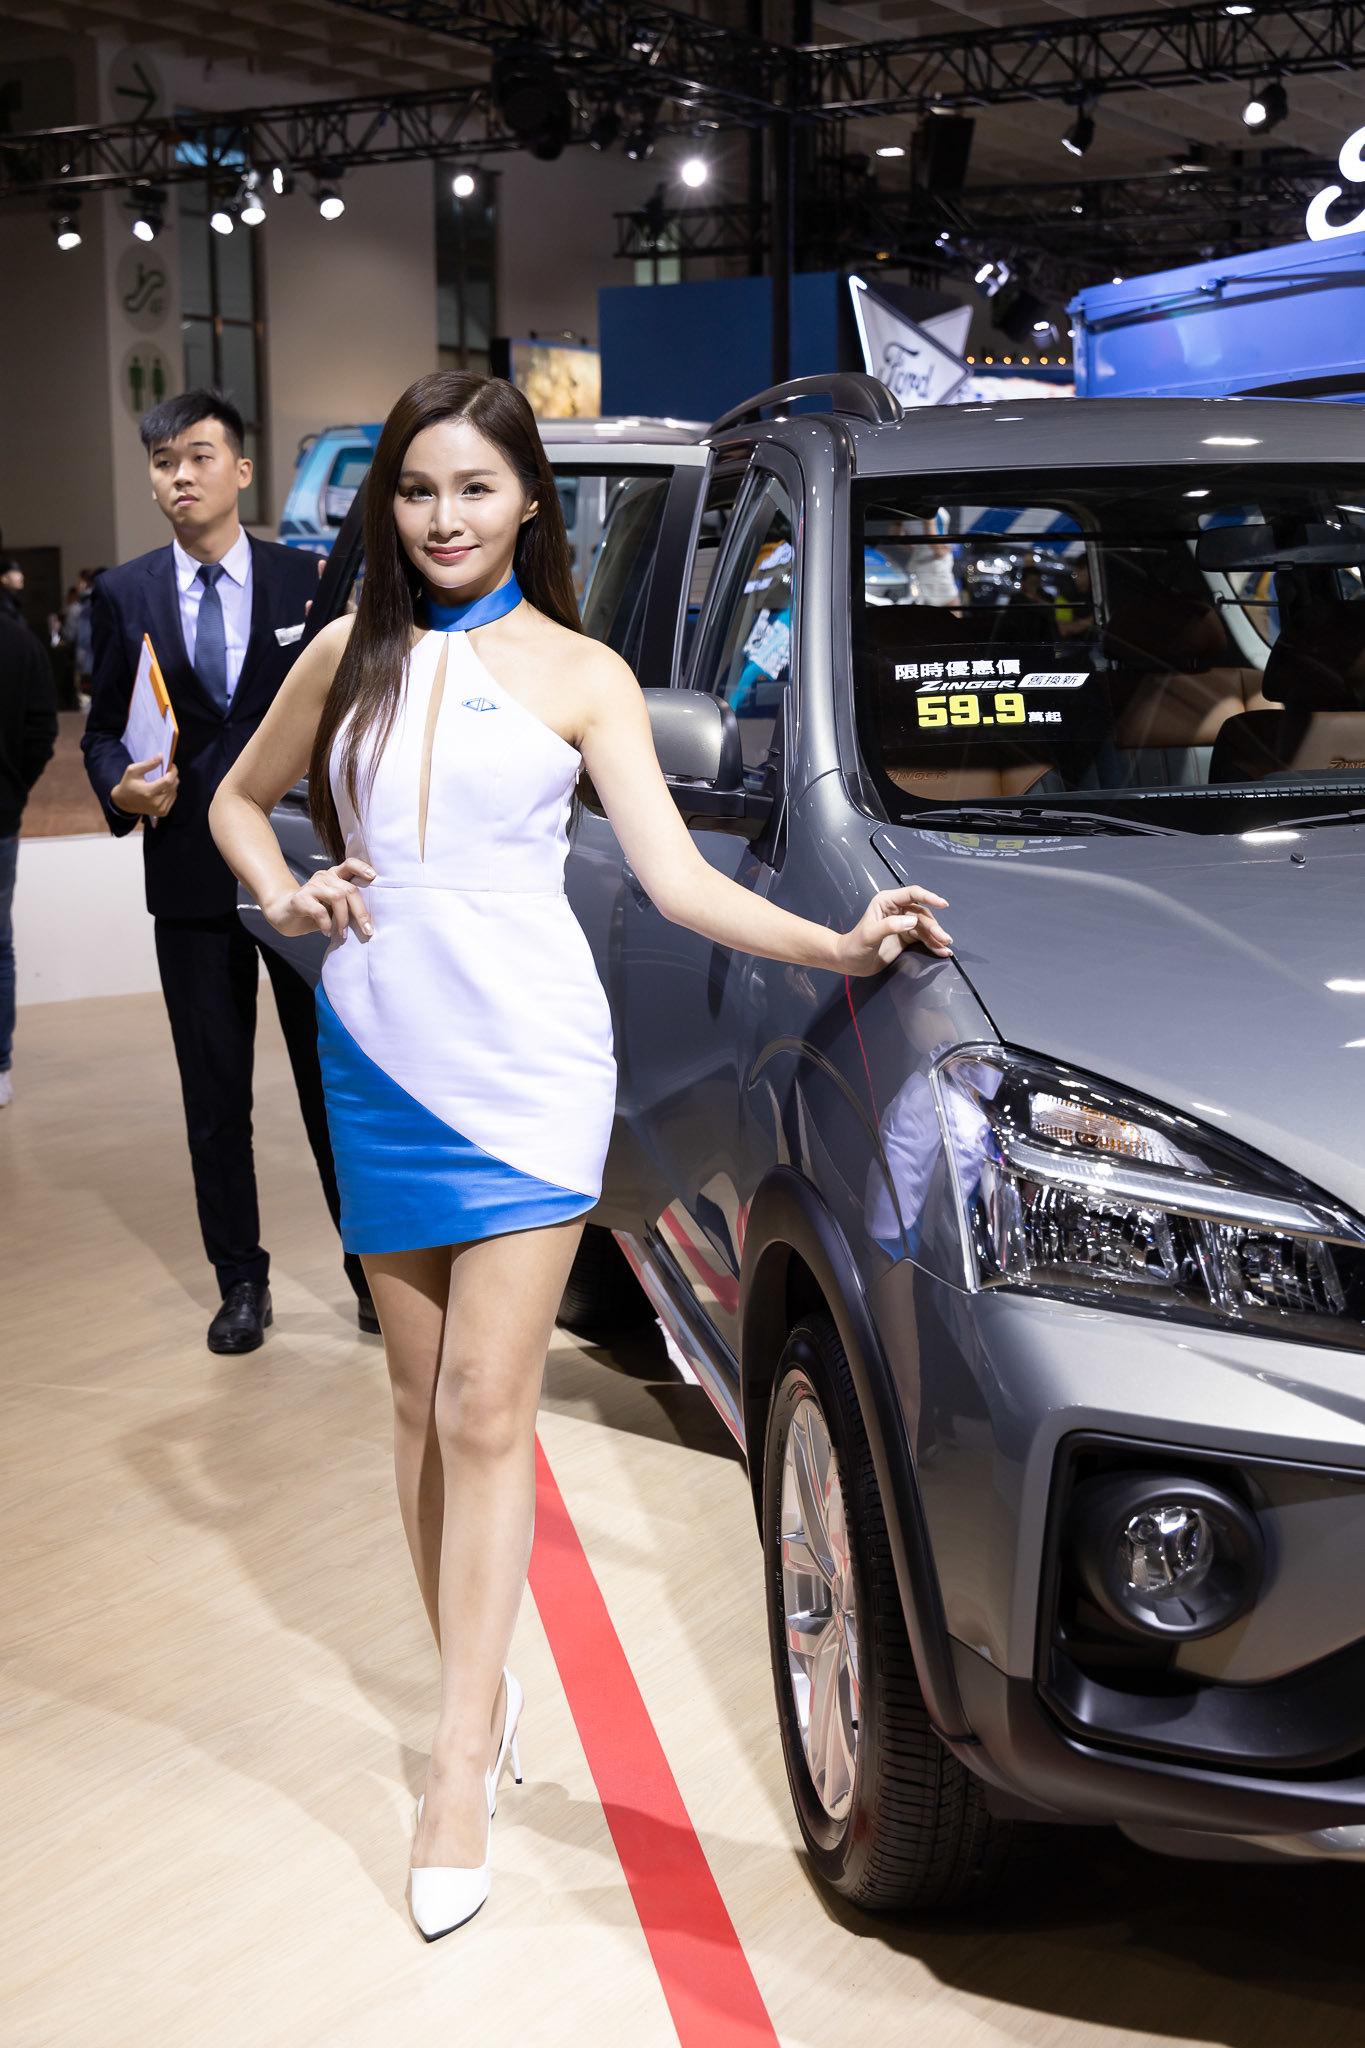 汽車 Cars - 台北 2020 Taipei 2020 #0070